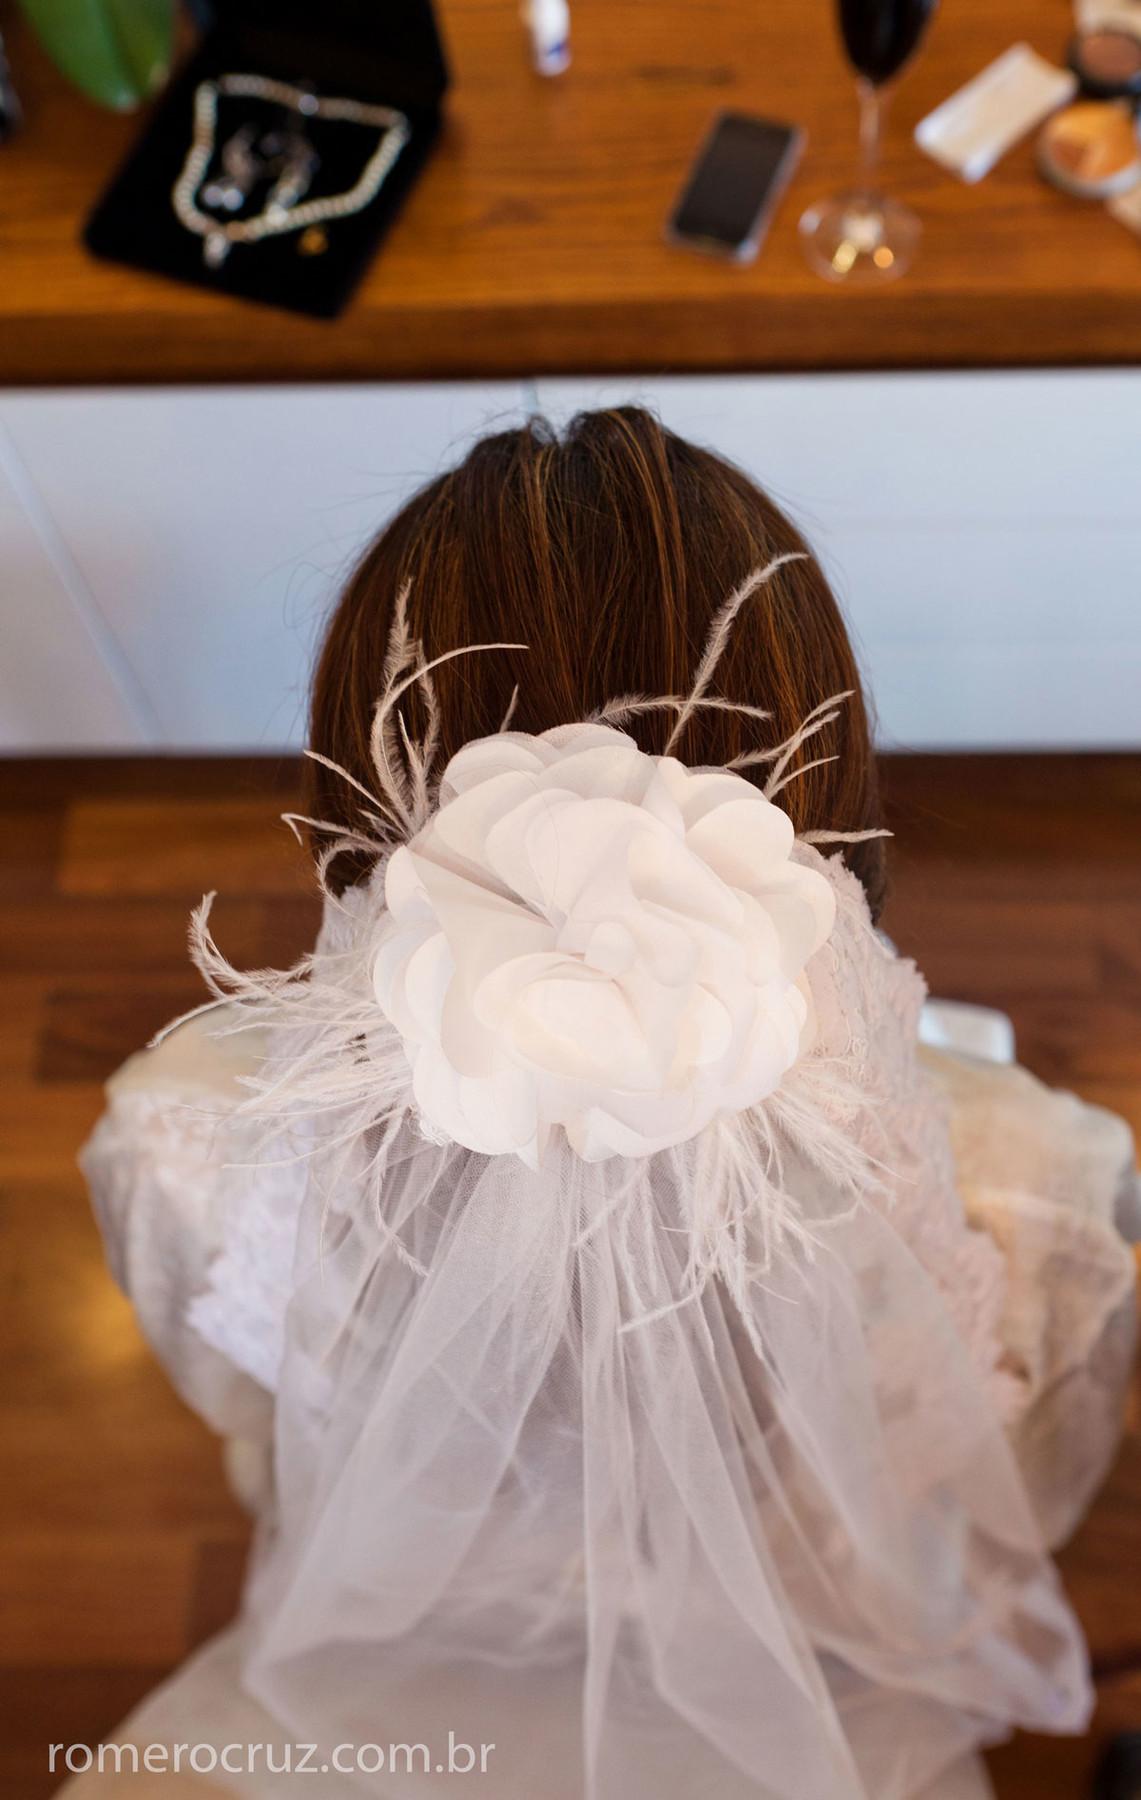 Foto do detalhe do vestido da noiva em making of